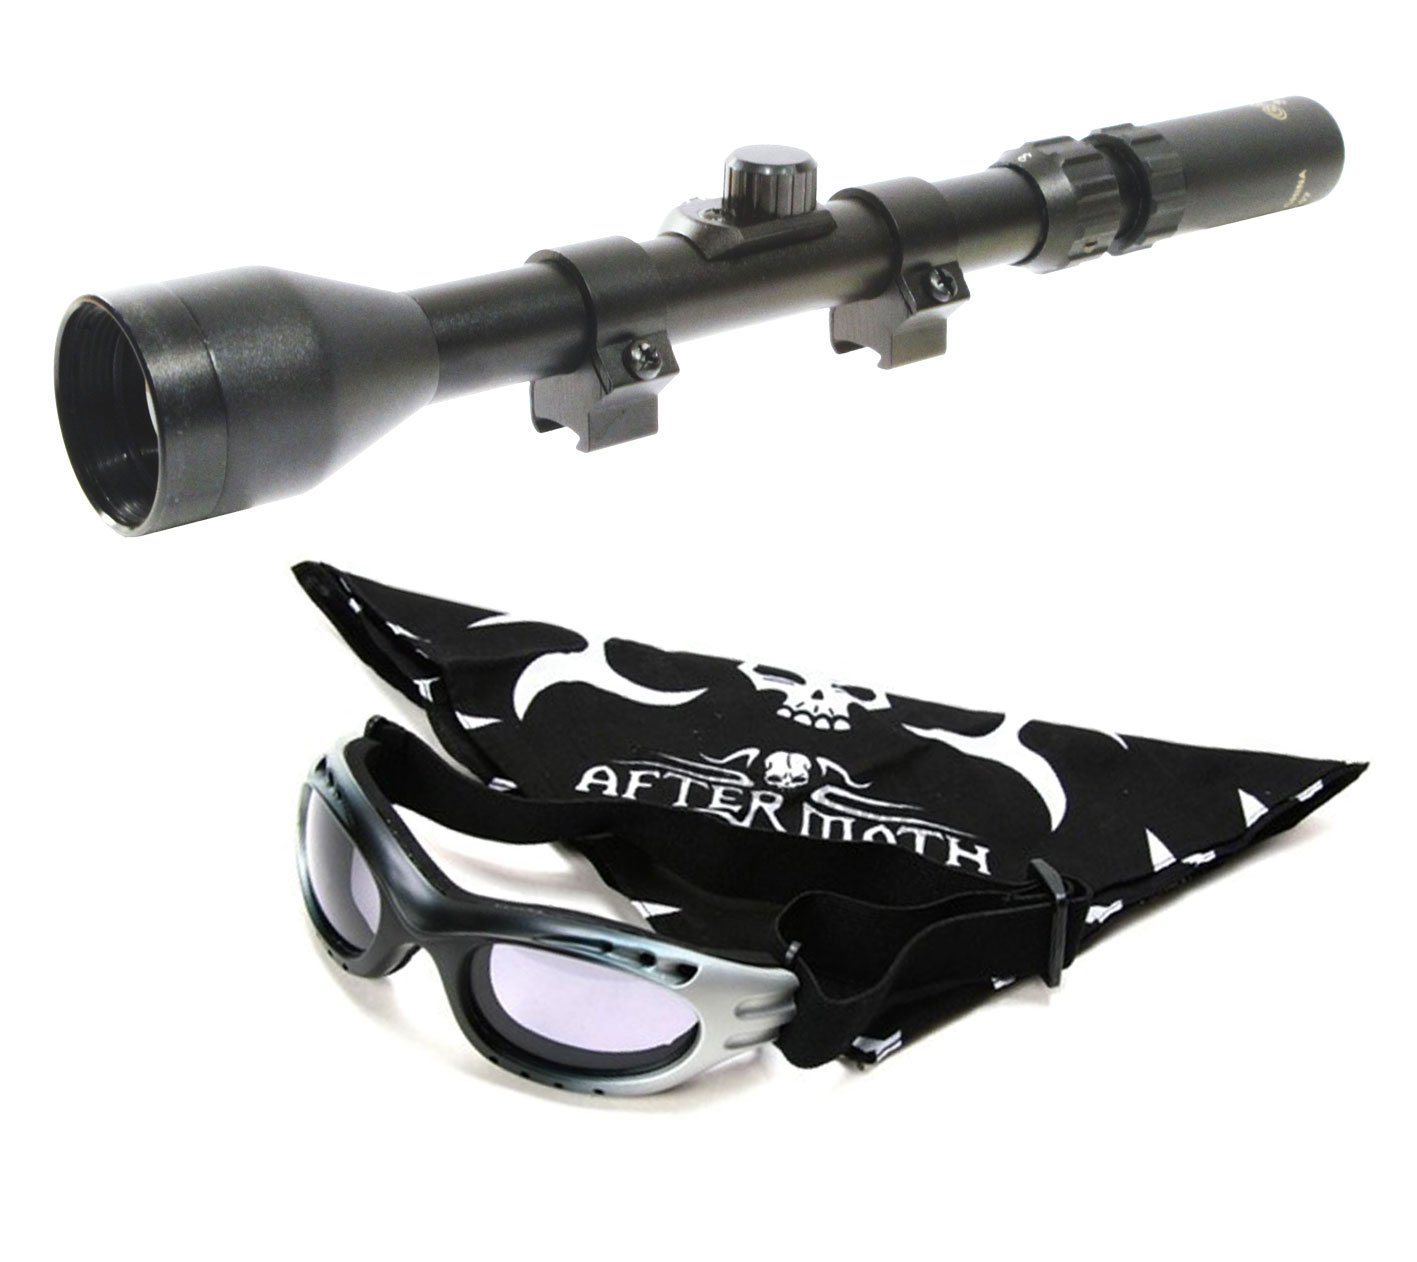 Visor Gamo. Mira telescópica 3-7x28 con zoom. Especial para tiro deportivo + Gafas antivaho + pañuelo cabeza Aftermatch